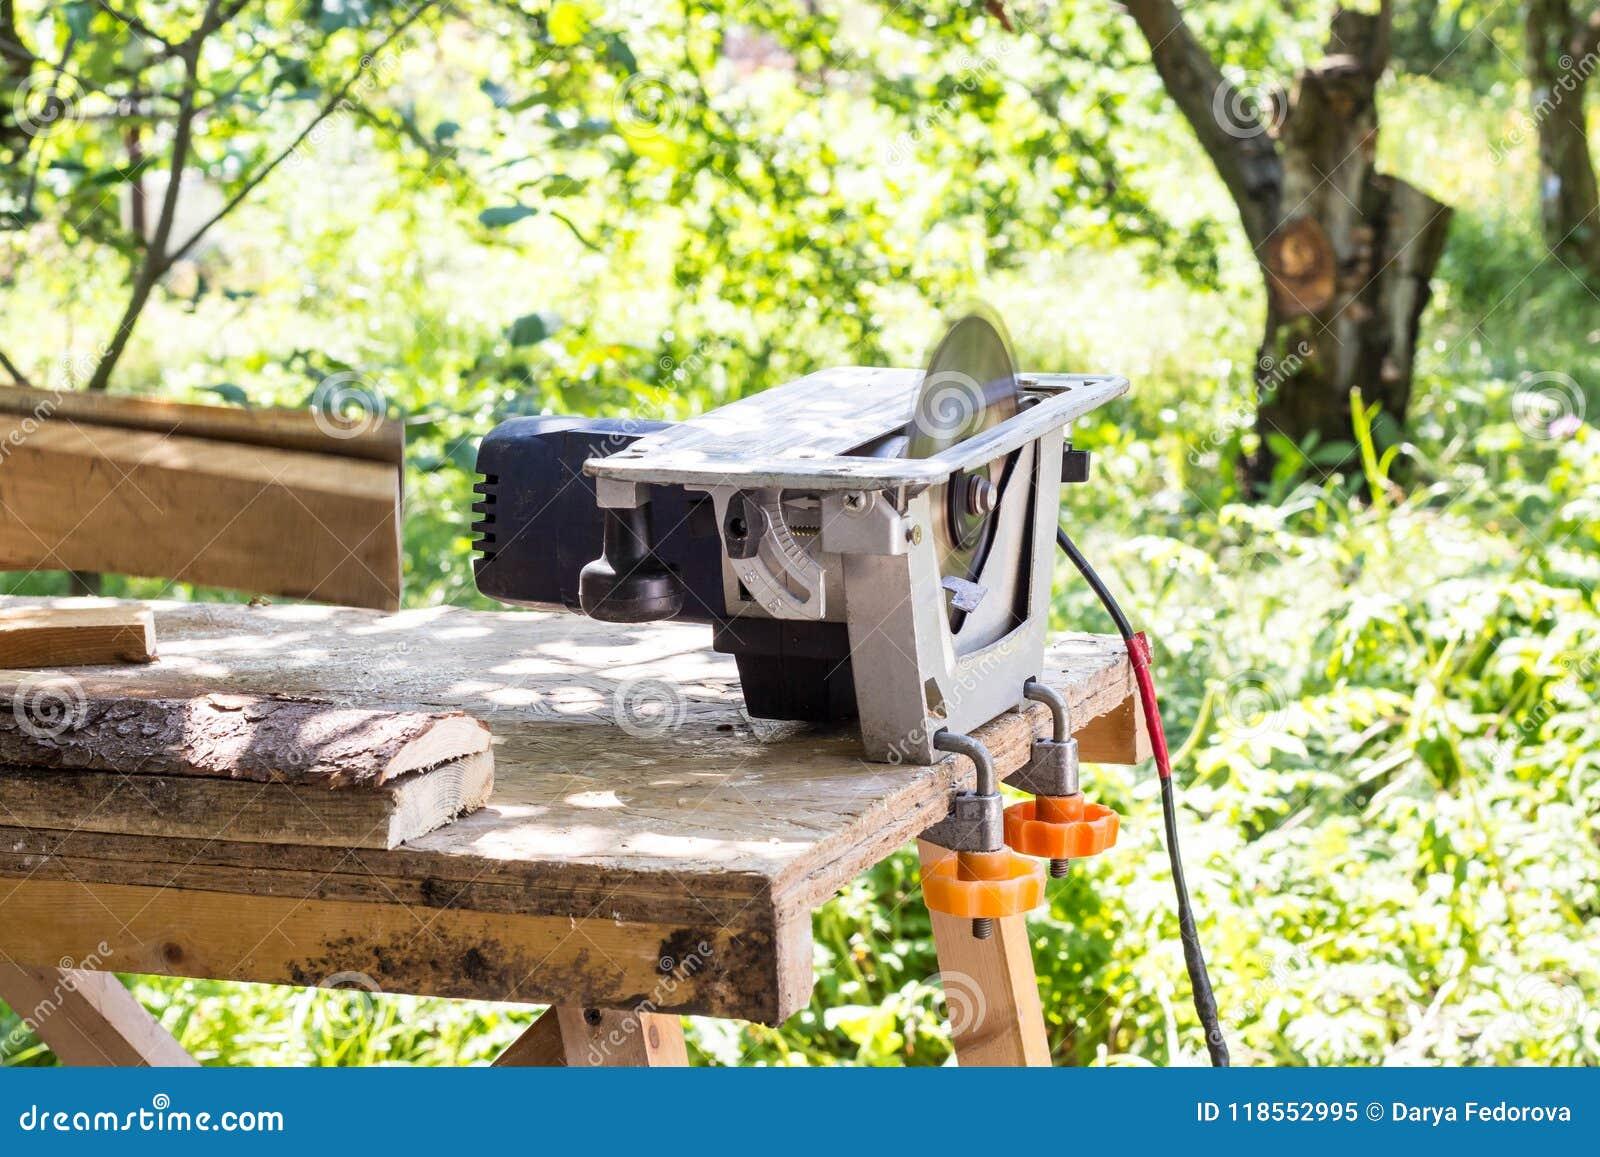 De cirkelzaag voor hout en boomboomstammen in zaagmolen sluit omhoog Verwerking van hout voor raad of andere bouwmaterialen